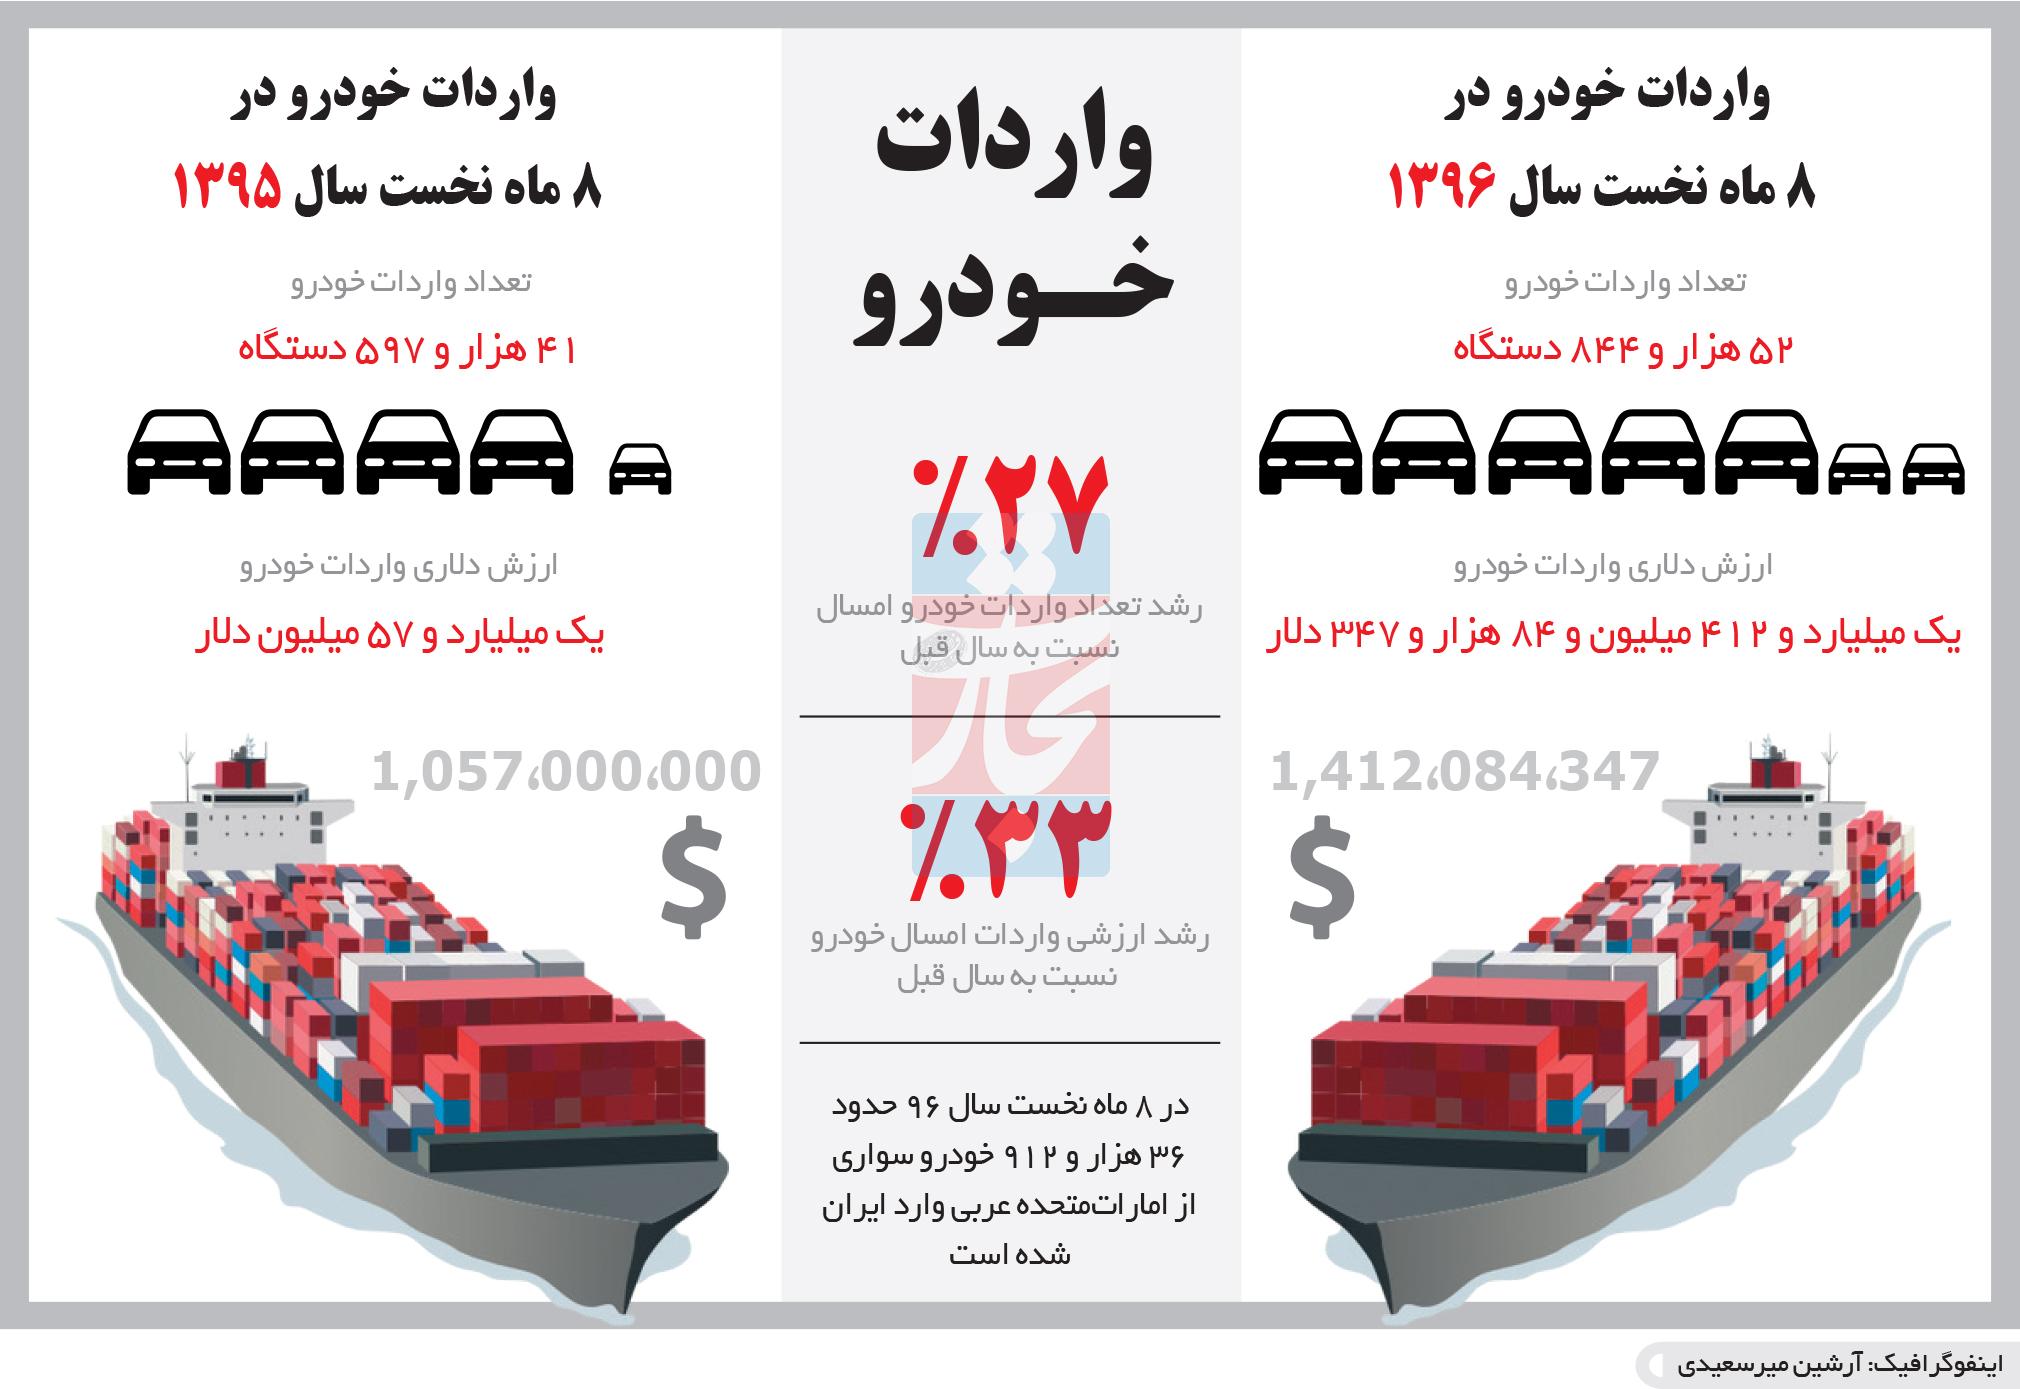 تجارت فردا- اینفوگرافیک- واردات خودرو